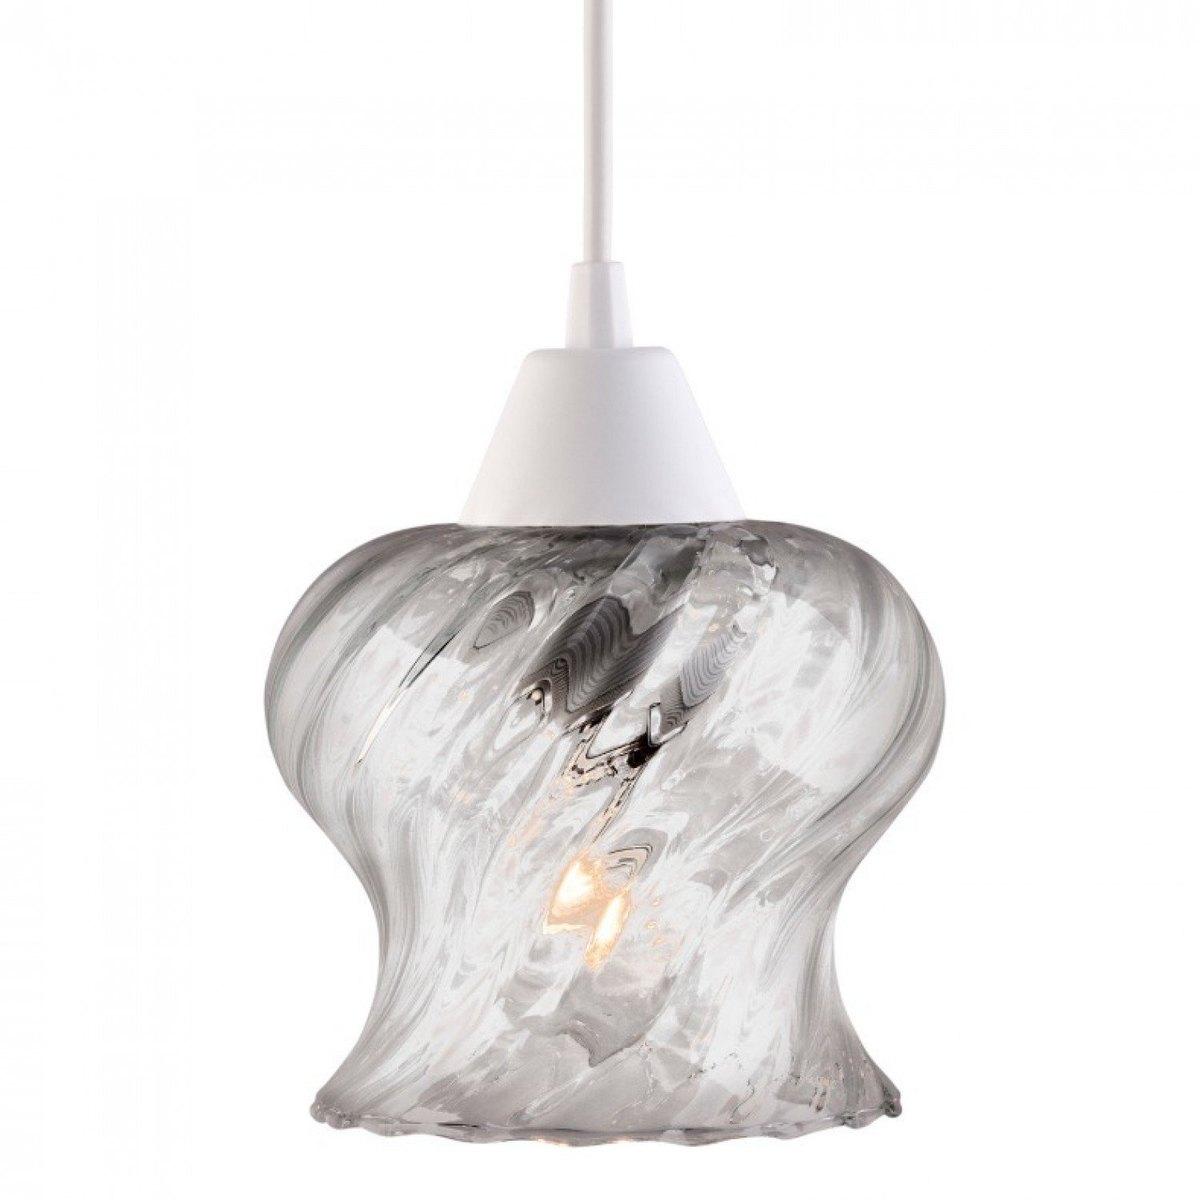 luminária de vidro canelado